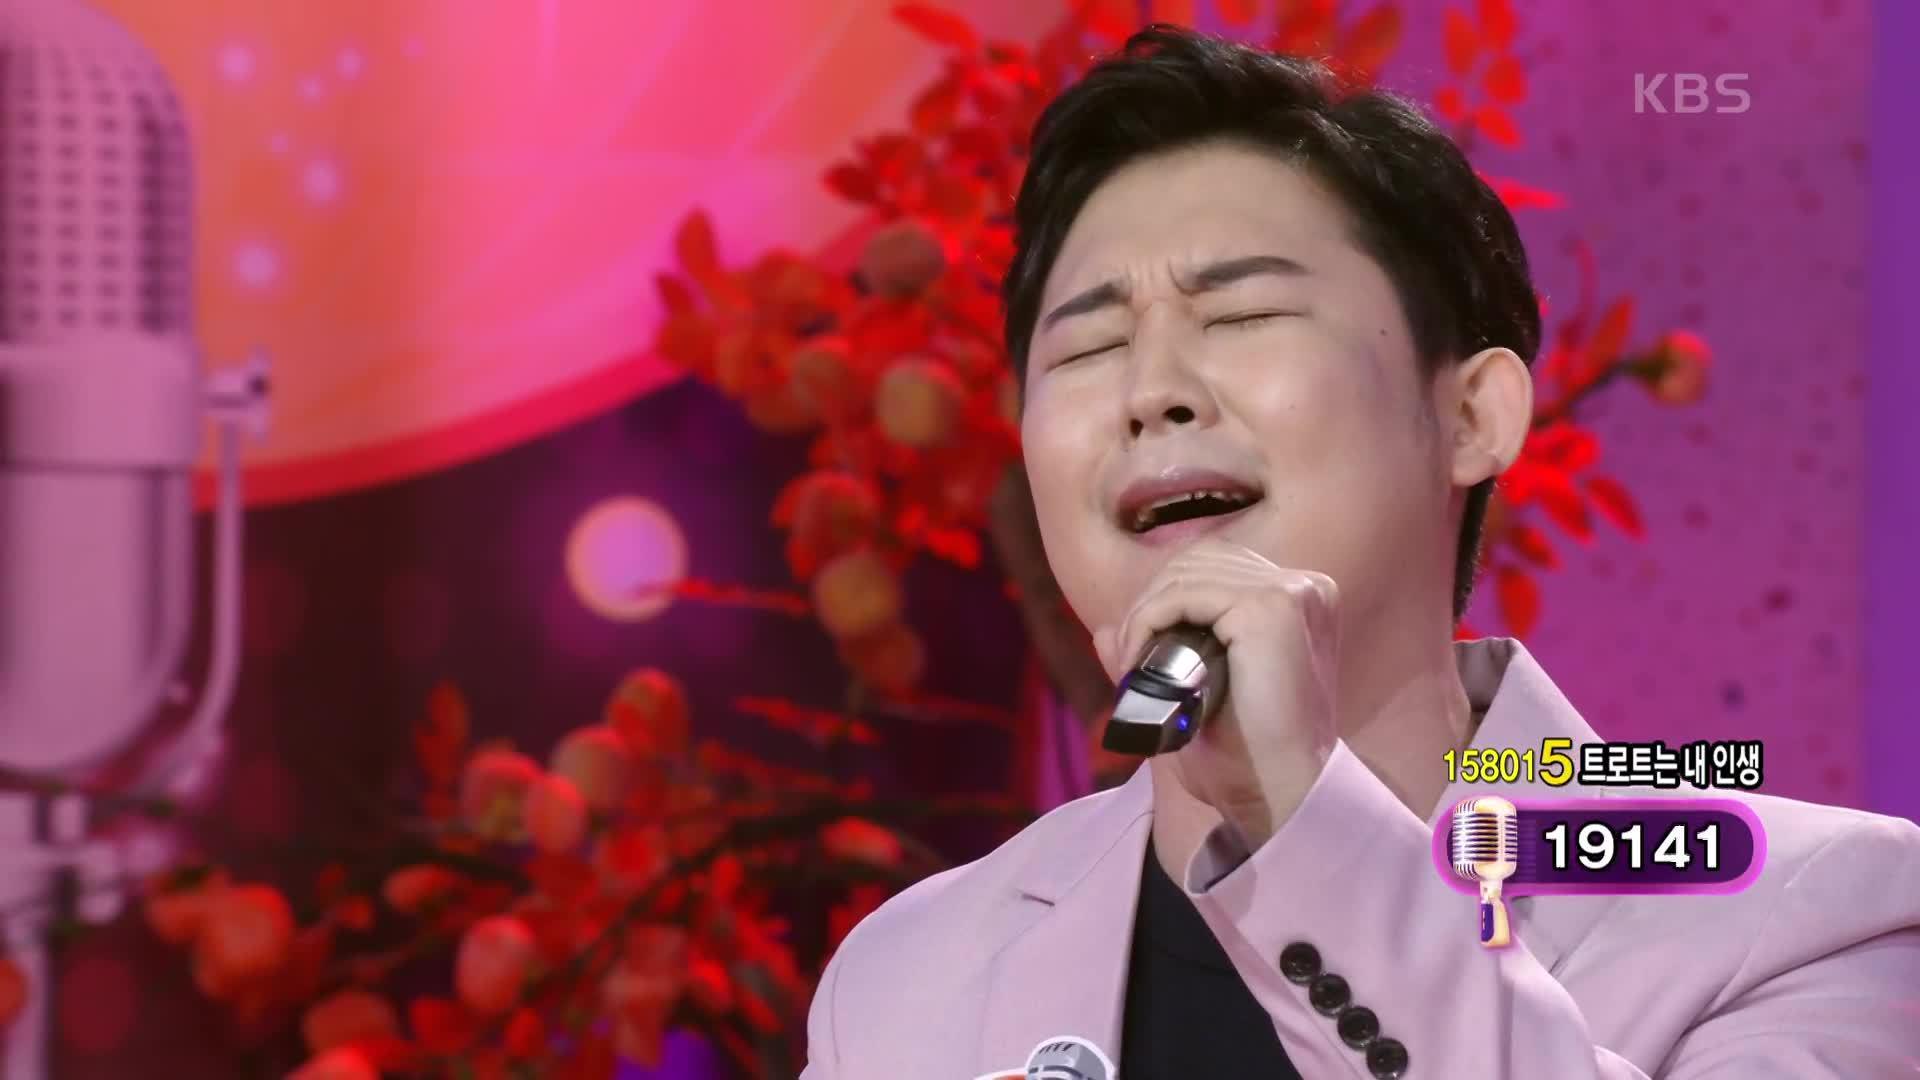 트로트는 내 인생! 3연승에 도전하는 가수 진욱의 '훨훨훨' | KBS 211020 방송